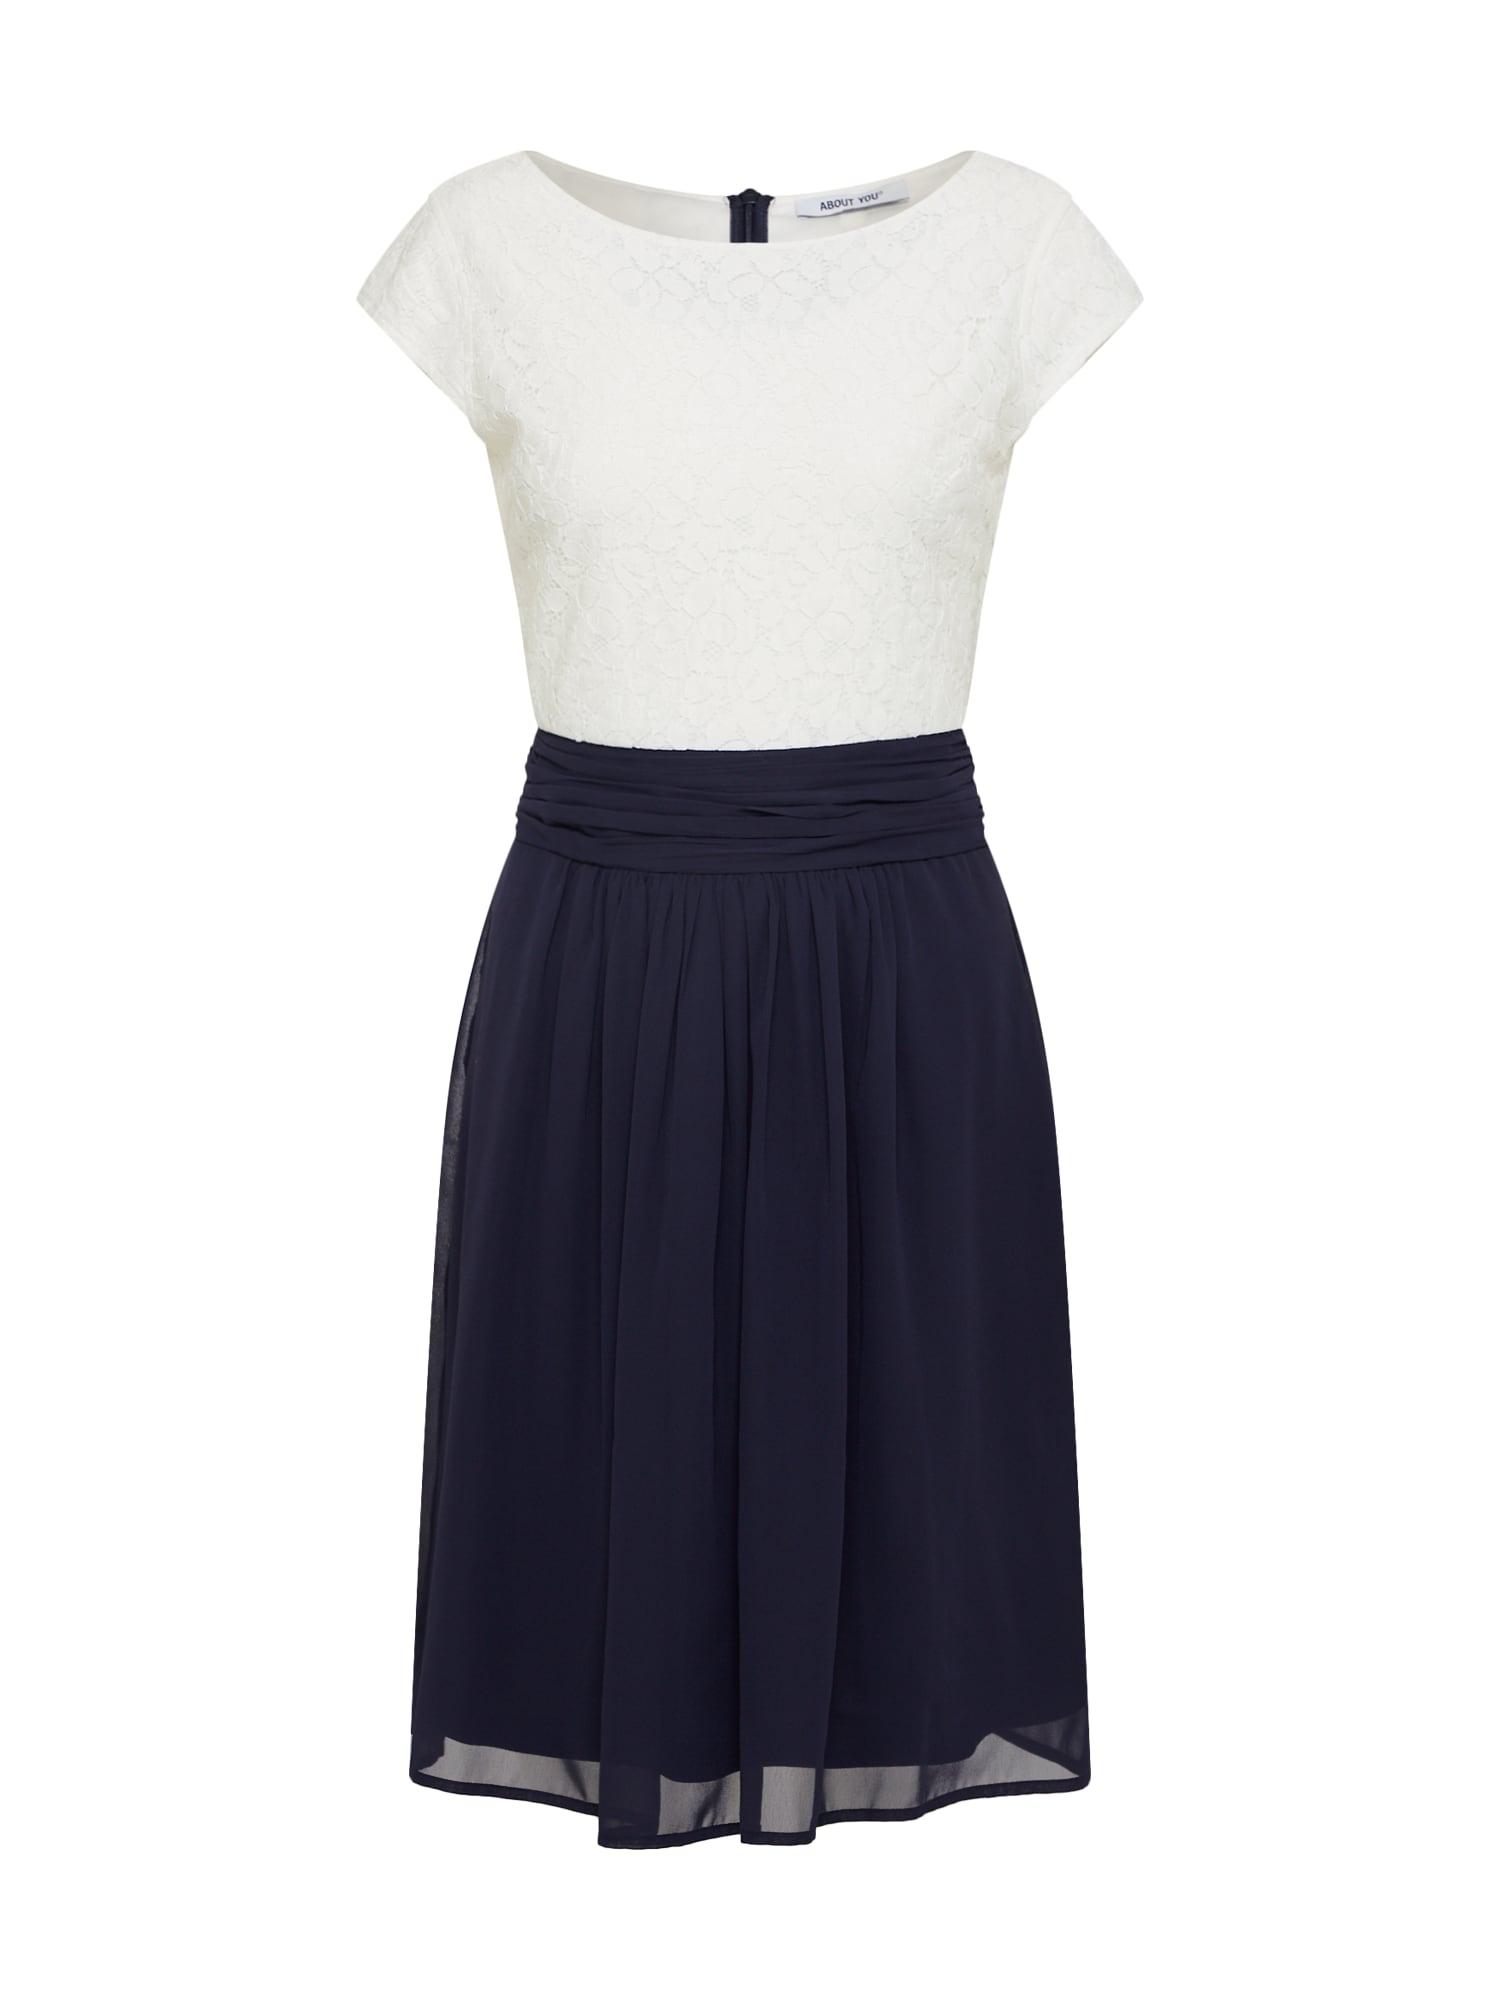 Šaty Darlin námořnická modř bílá ABOUT YOU